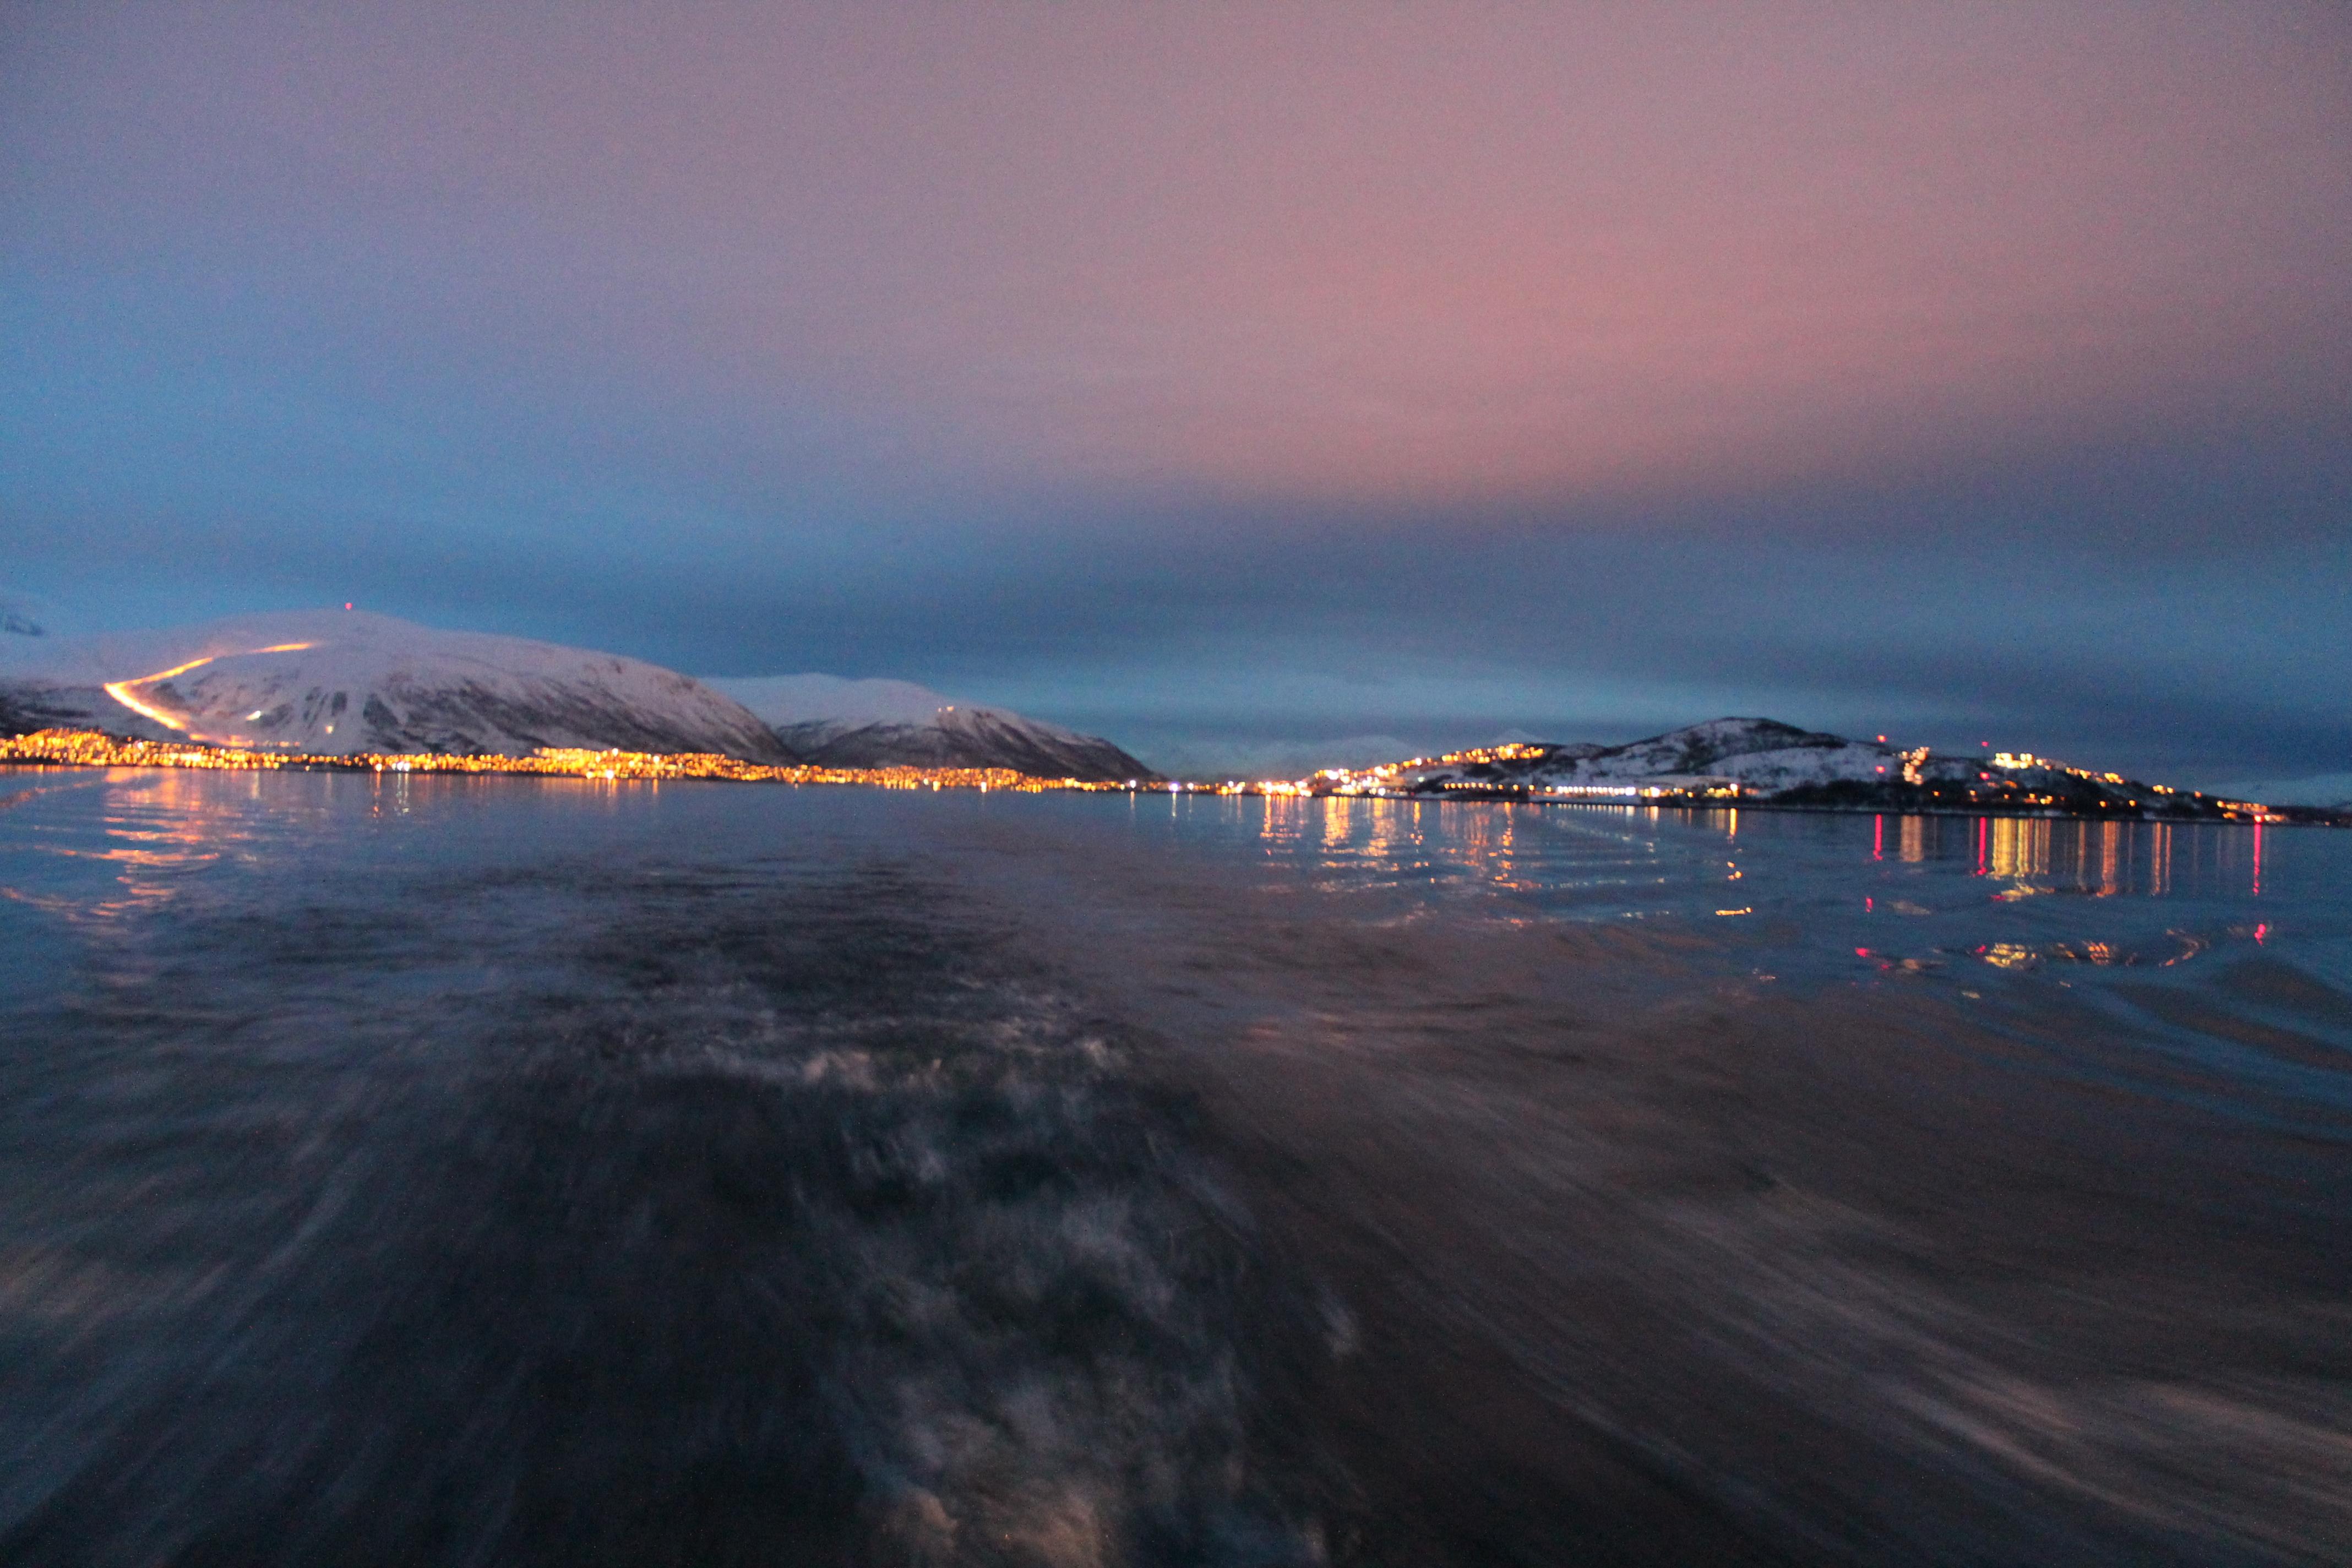 2014-01-03_09.15.47_Tromso_C018